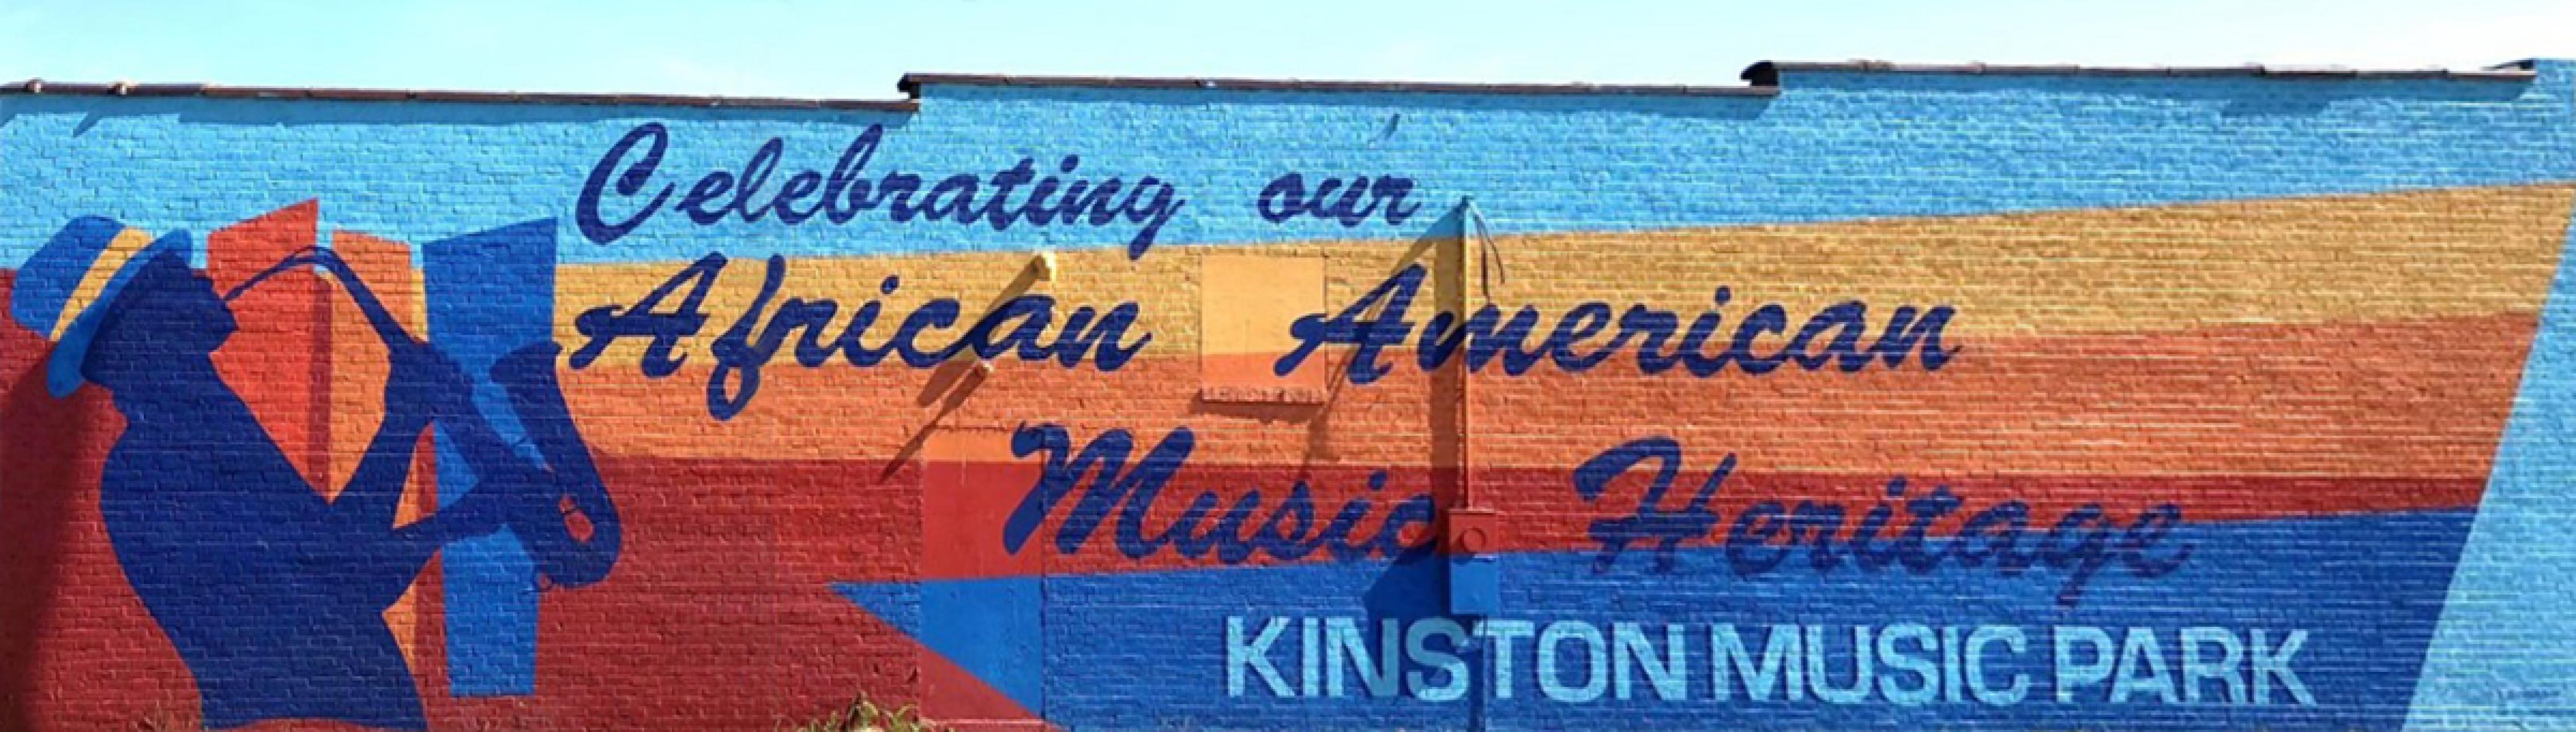 斯科特·努尔金的非洲裔美国人音乐之路壁画